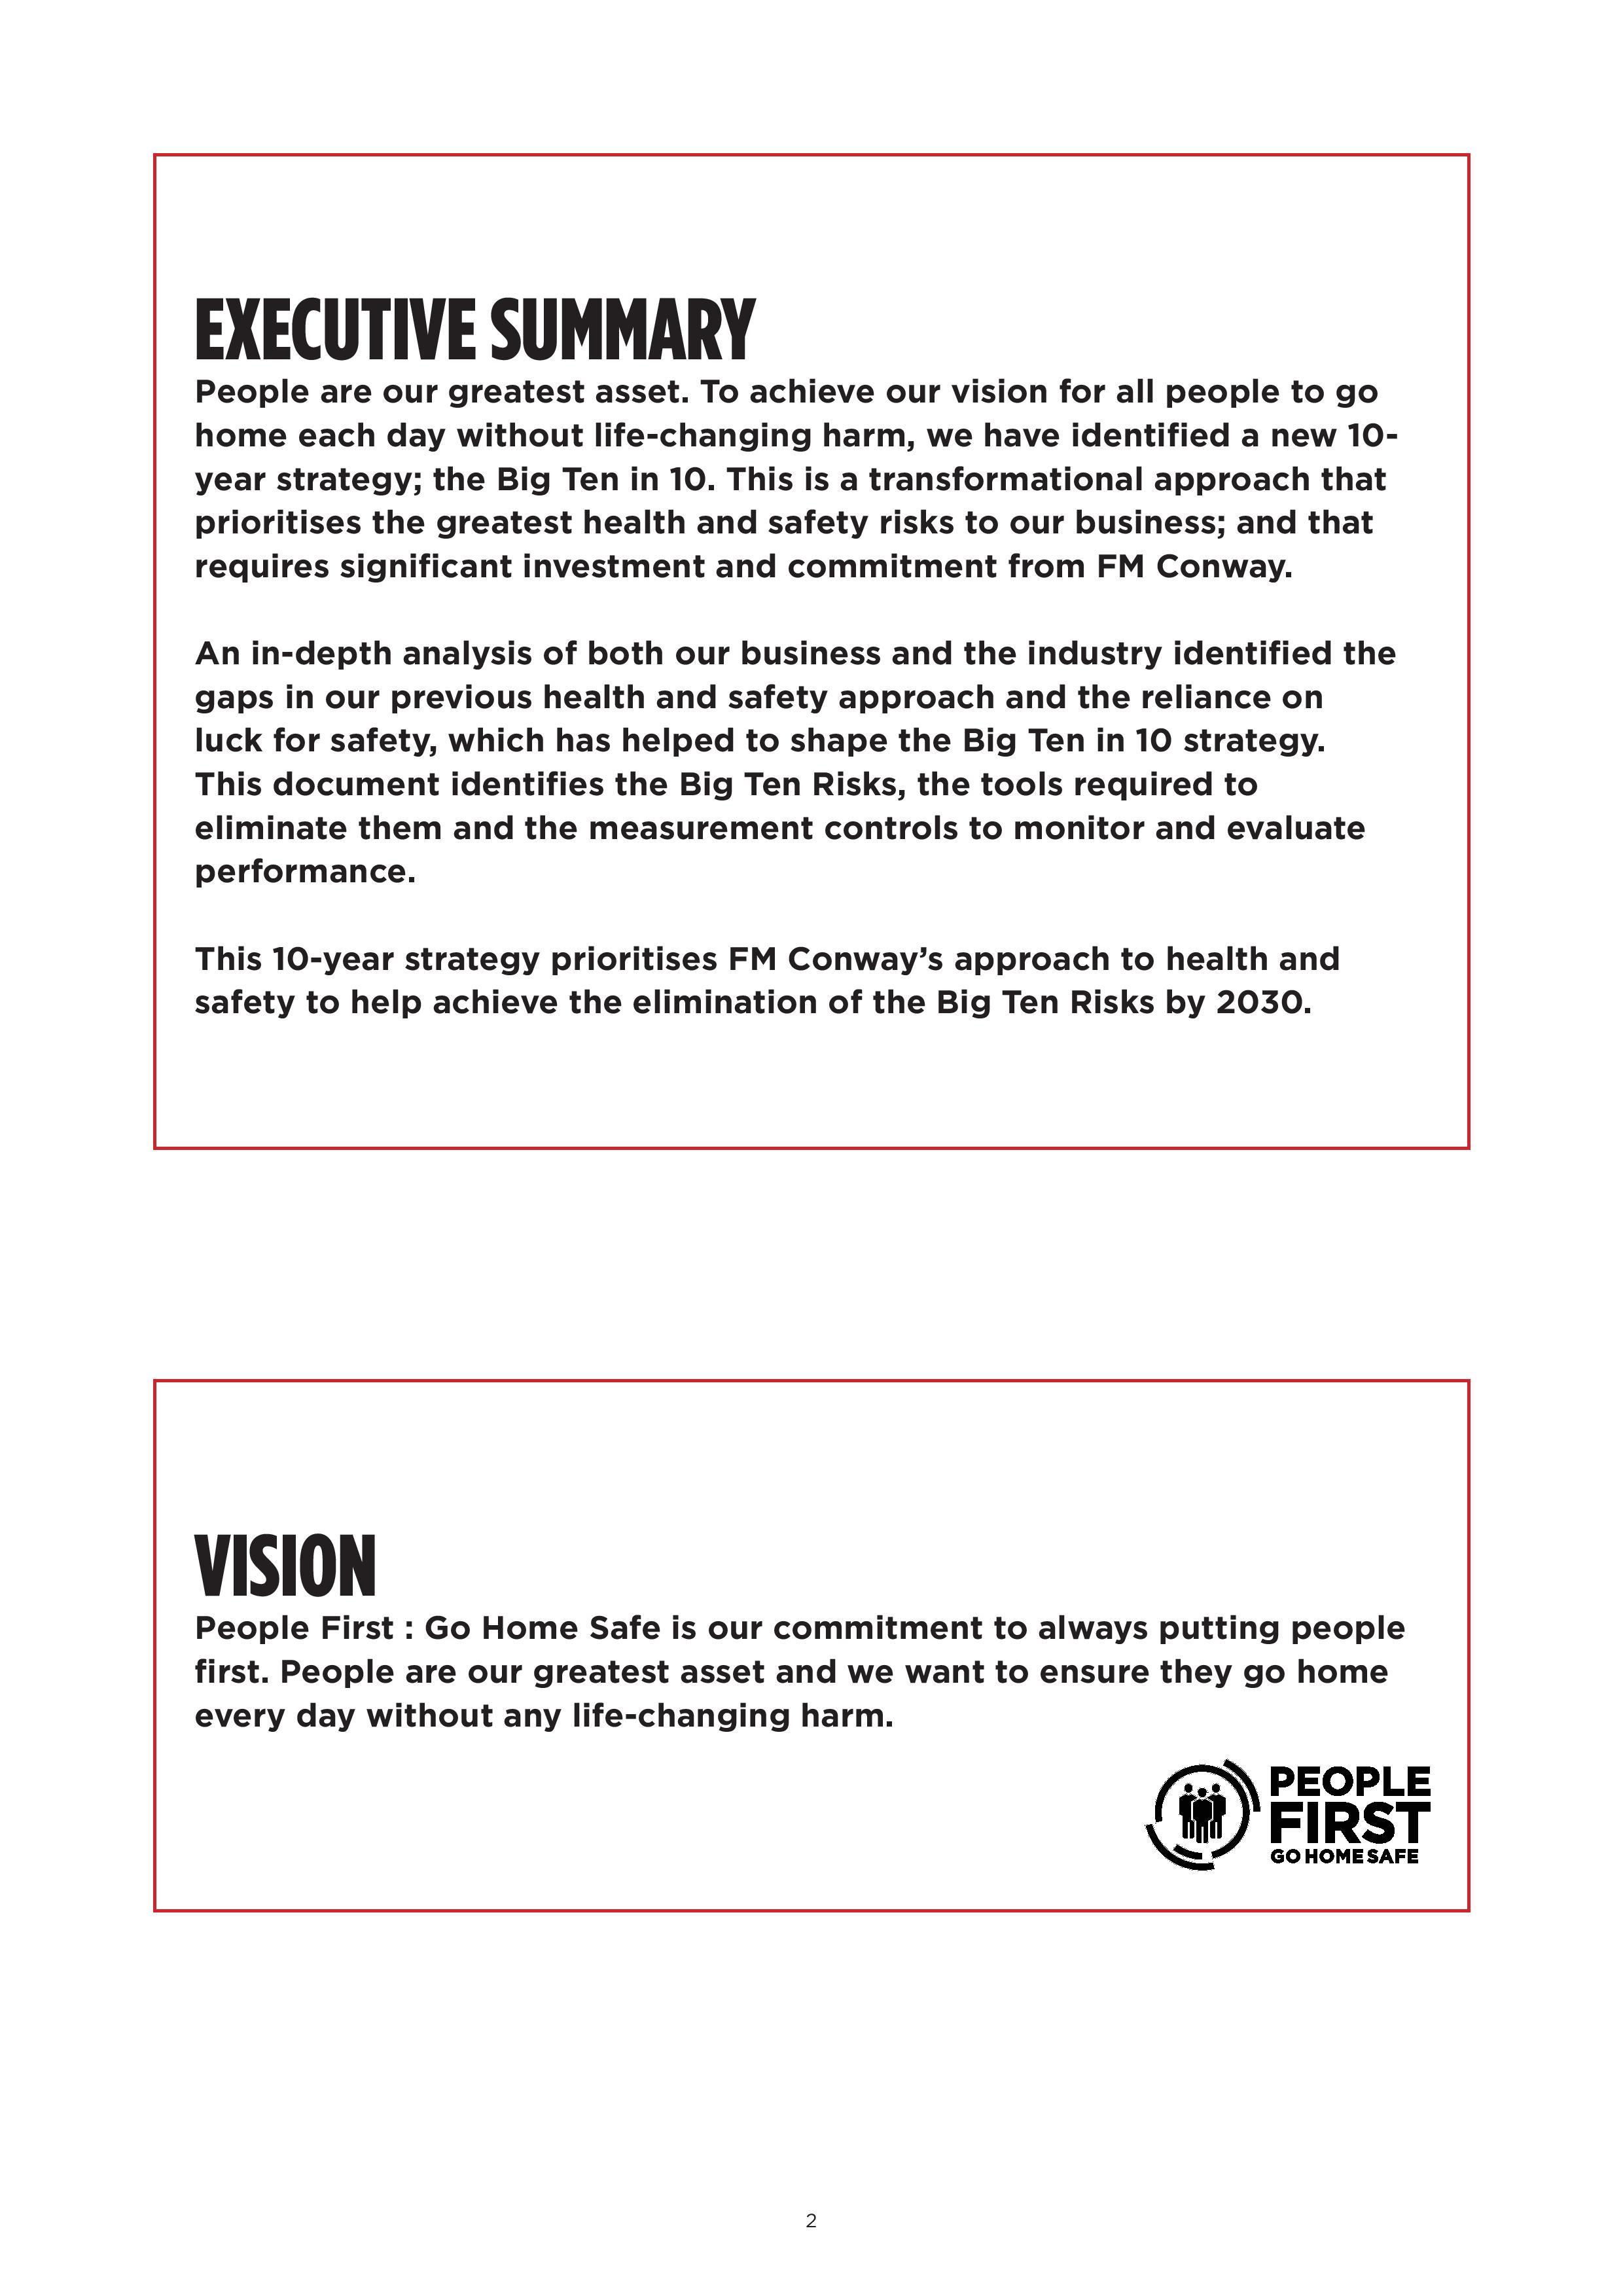 PDF Viewer - FM Conway